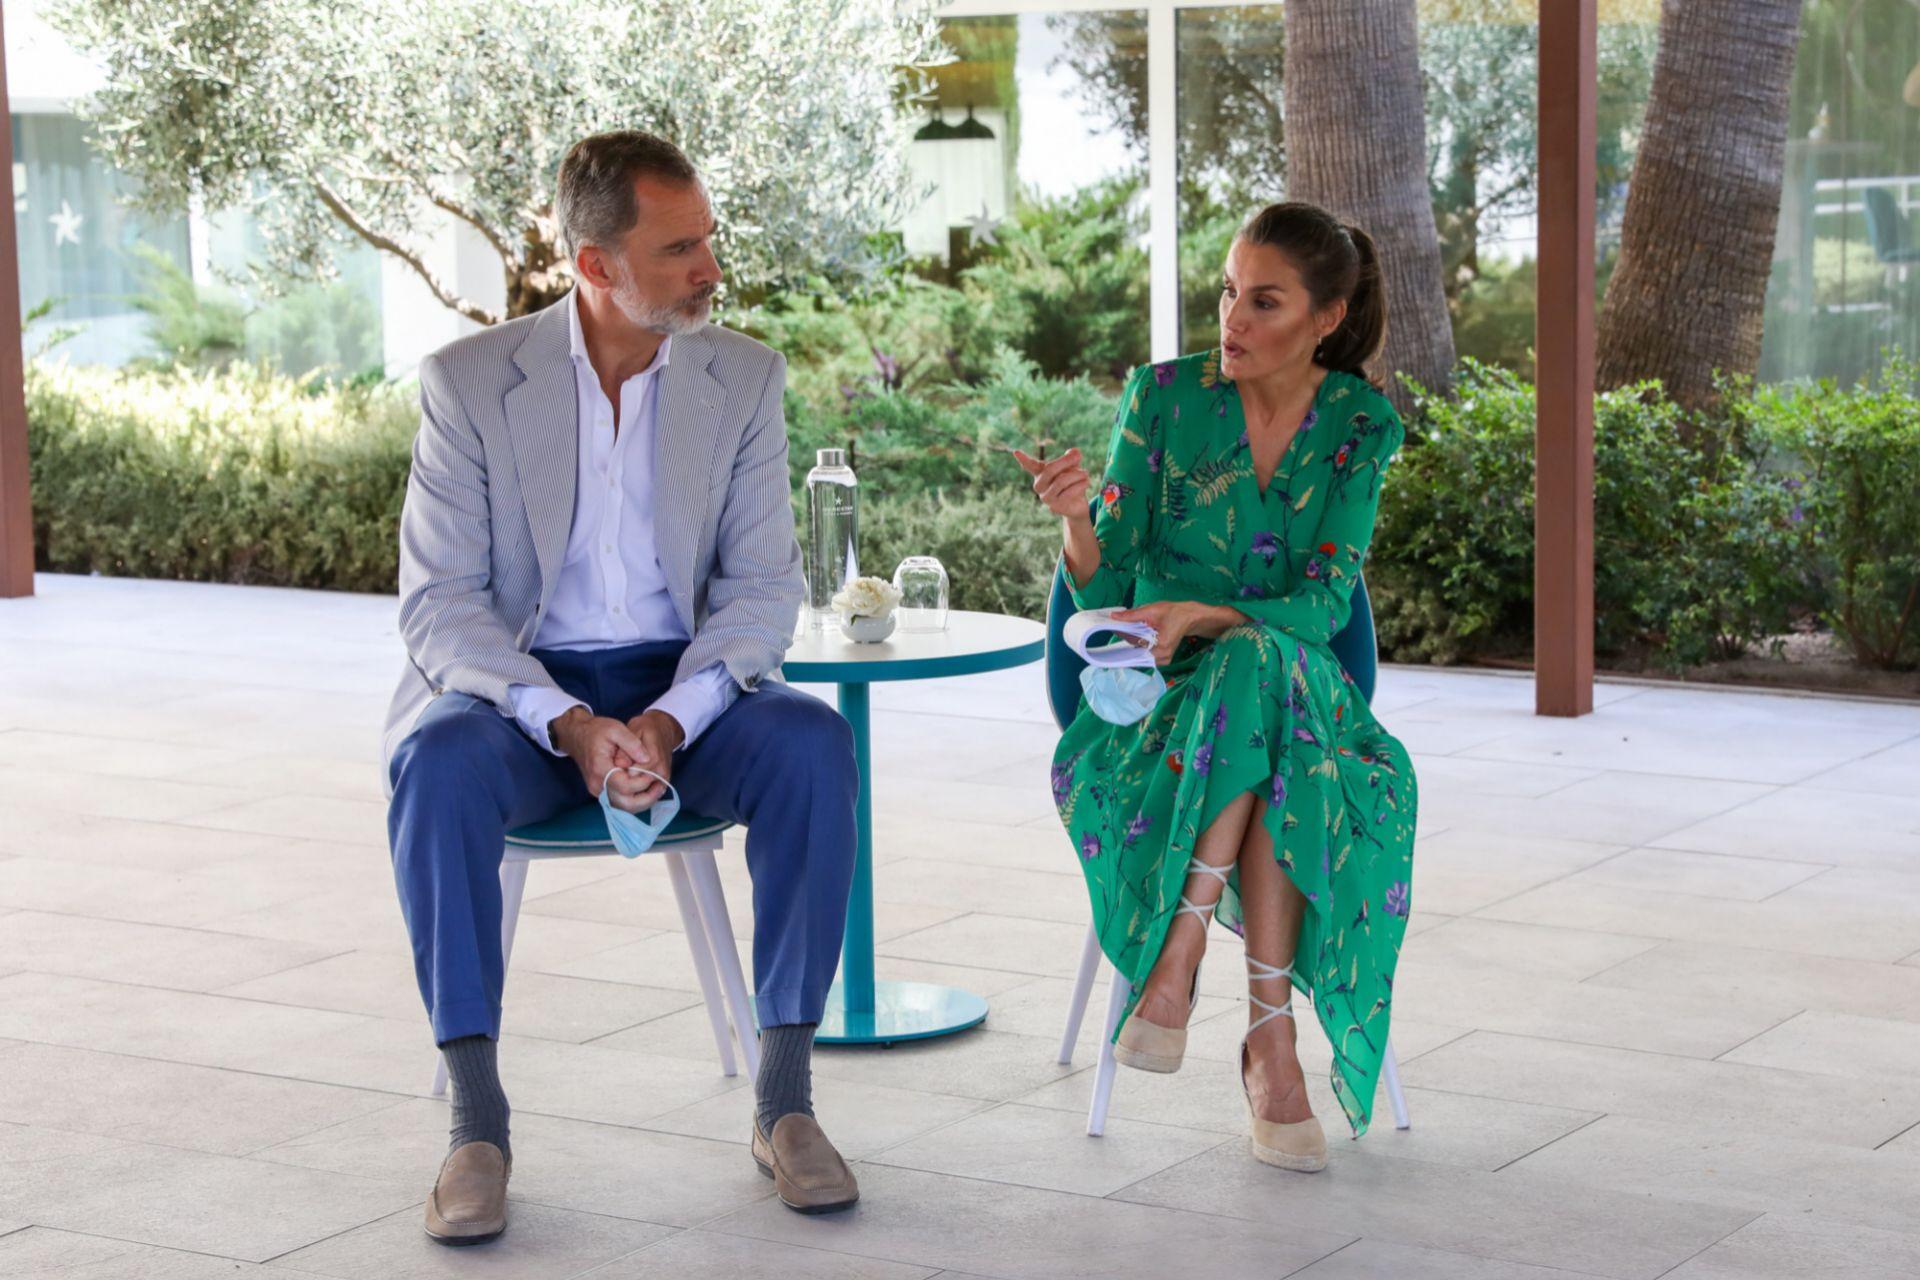 La reina en el momento en que le dice al rey que quiere hablar la presidenta de Baleares.